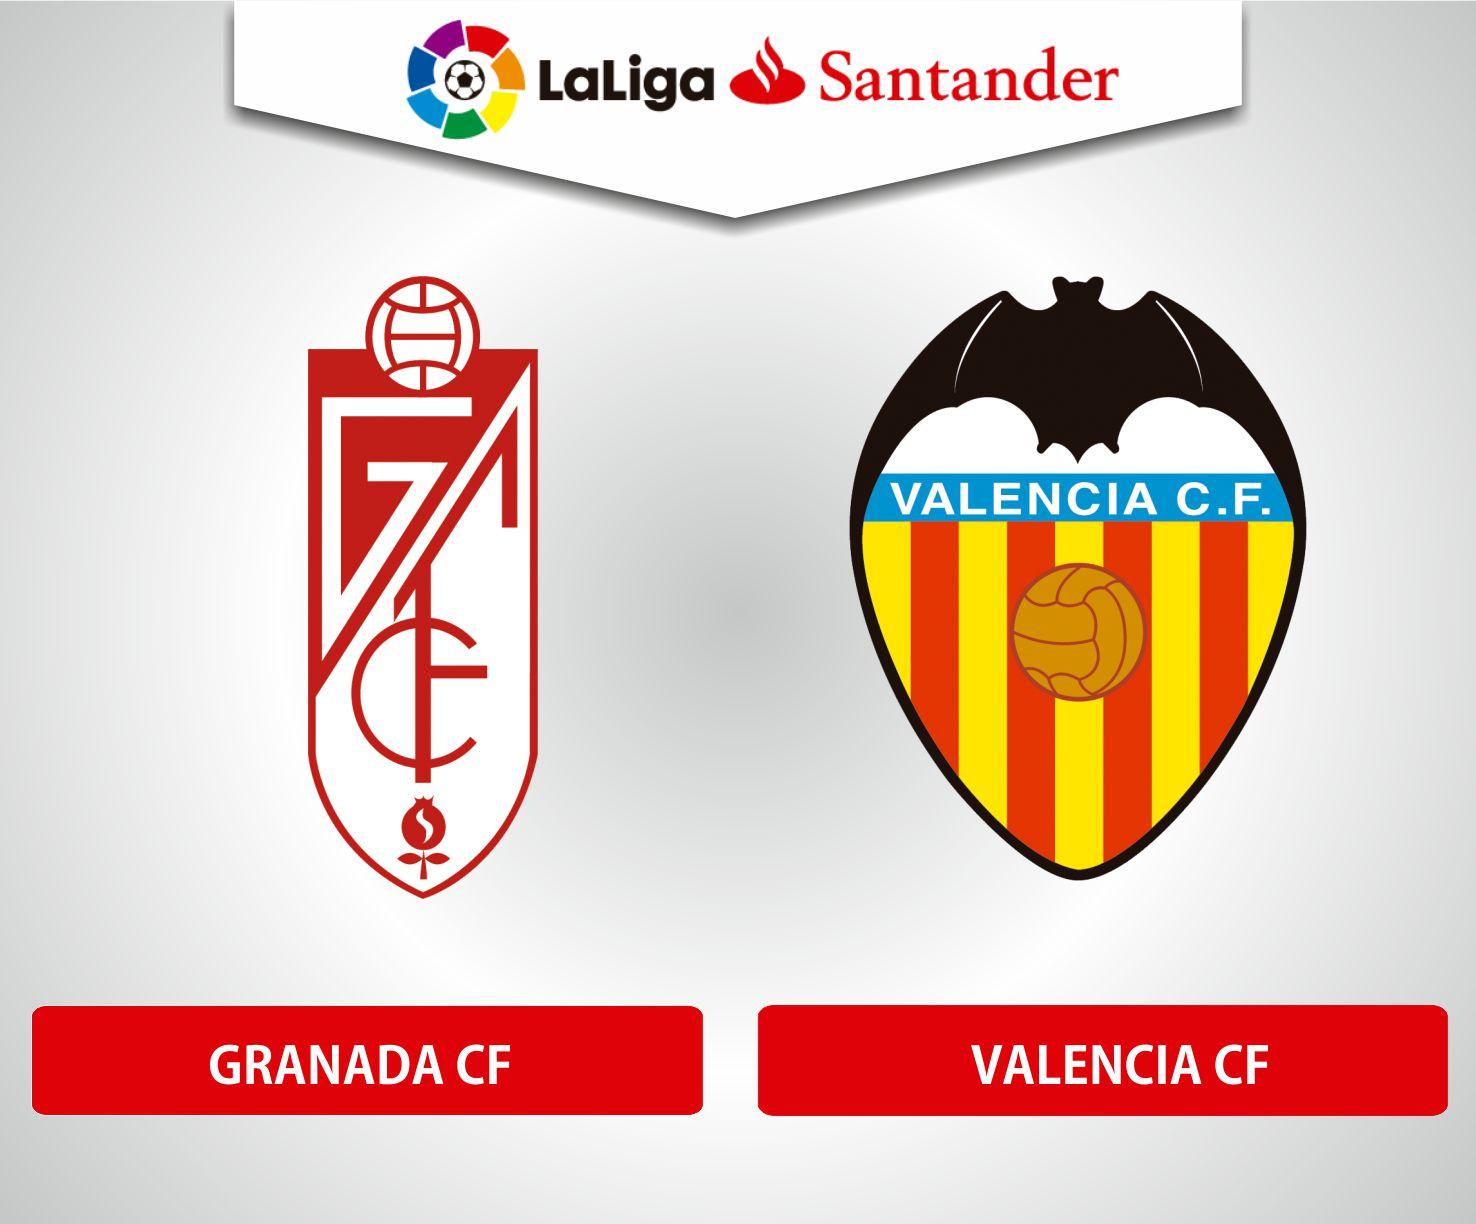 Granada cf valencia cf post oficiales de los partidos - Foro no oficial granada cf ...